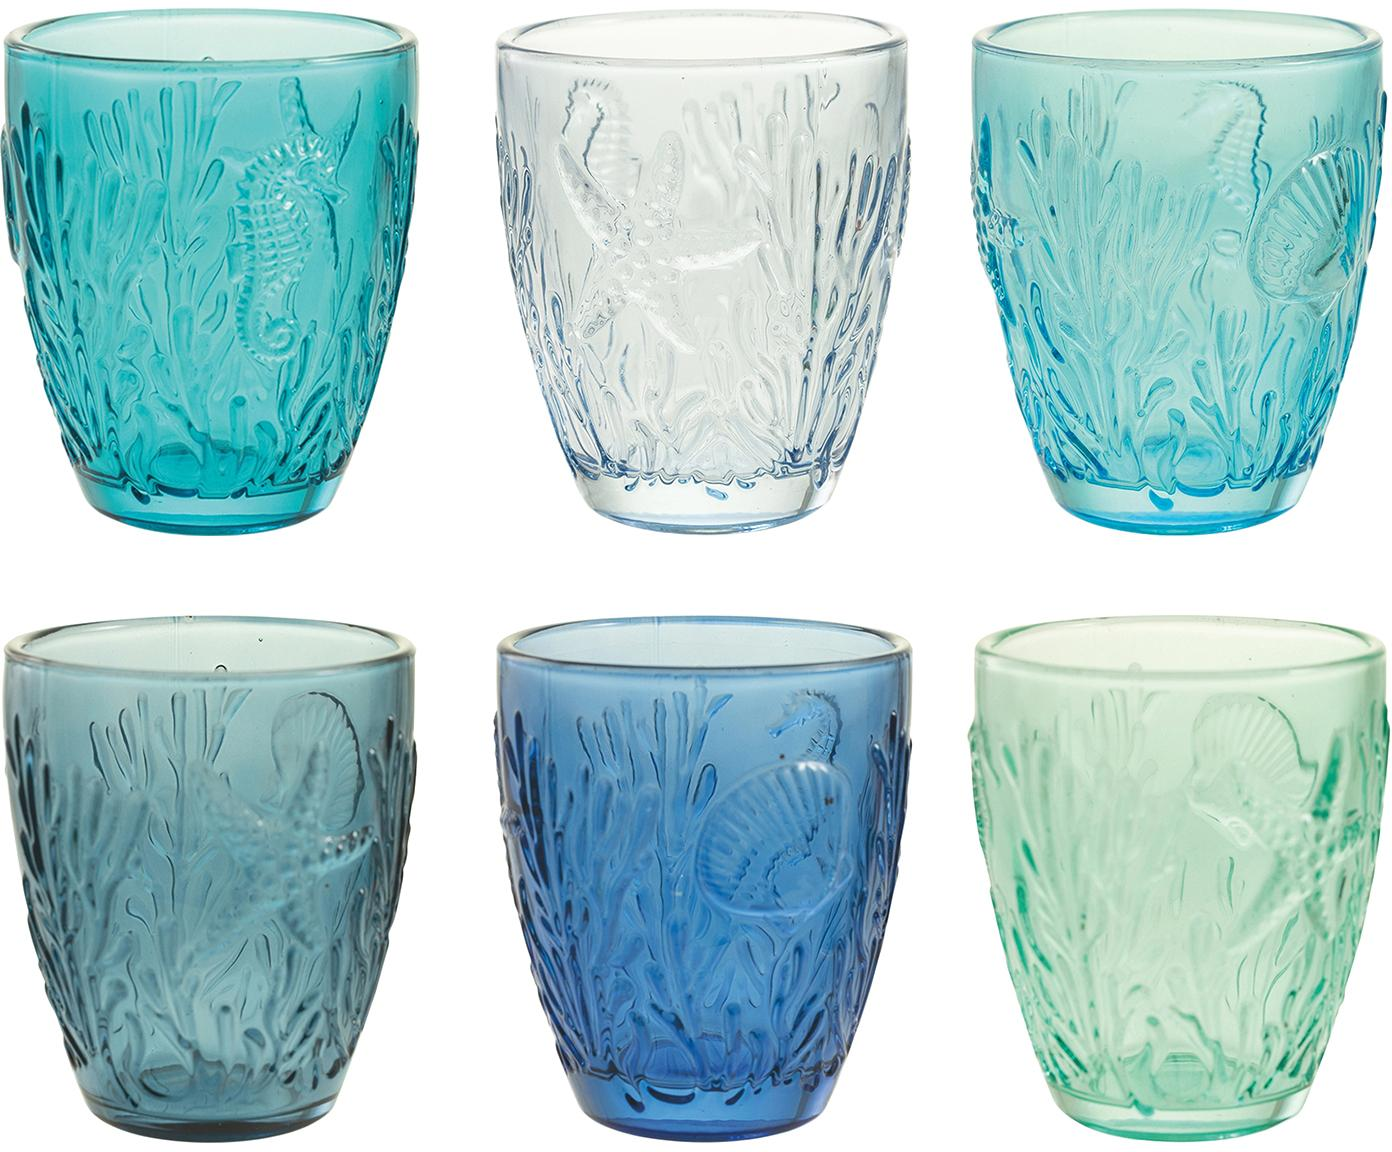 Komplet szklanek do wody Pantelleria, 6 elem., Szkło, Odcienie niebieskiego, Ø 8 x 10 cm